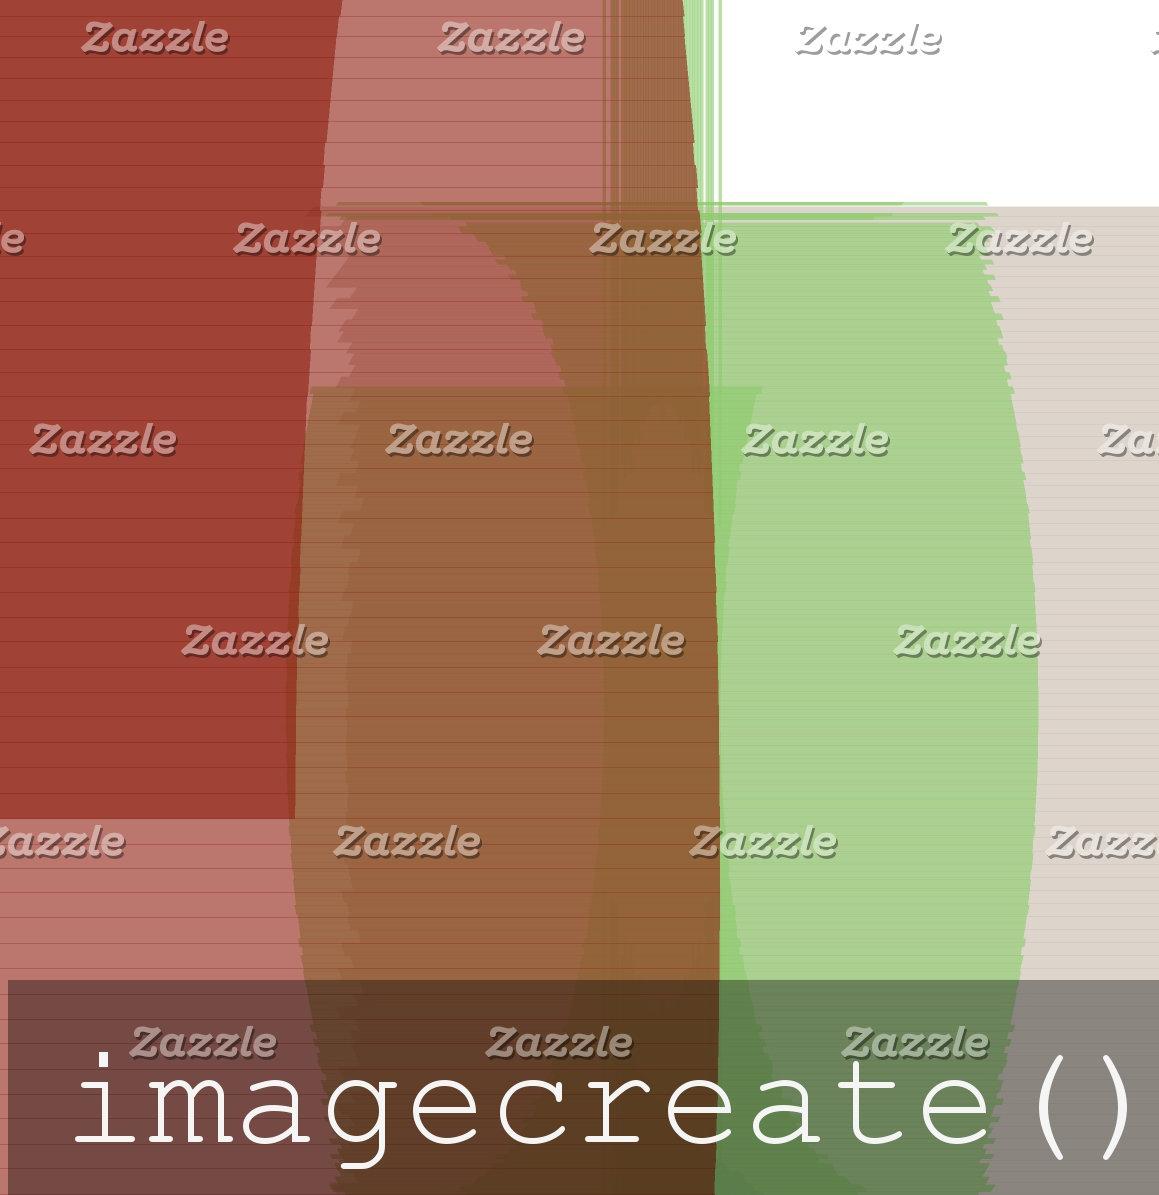 imagecreate() Designs